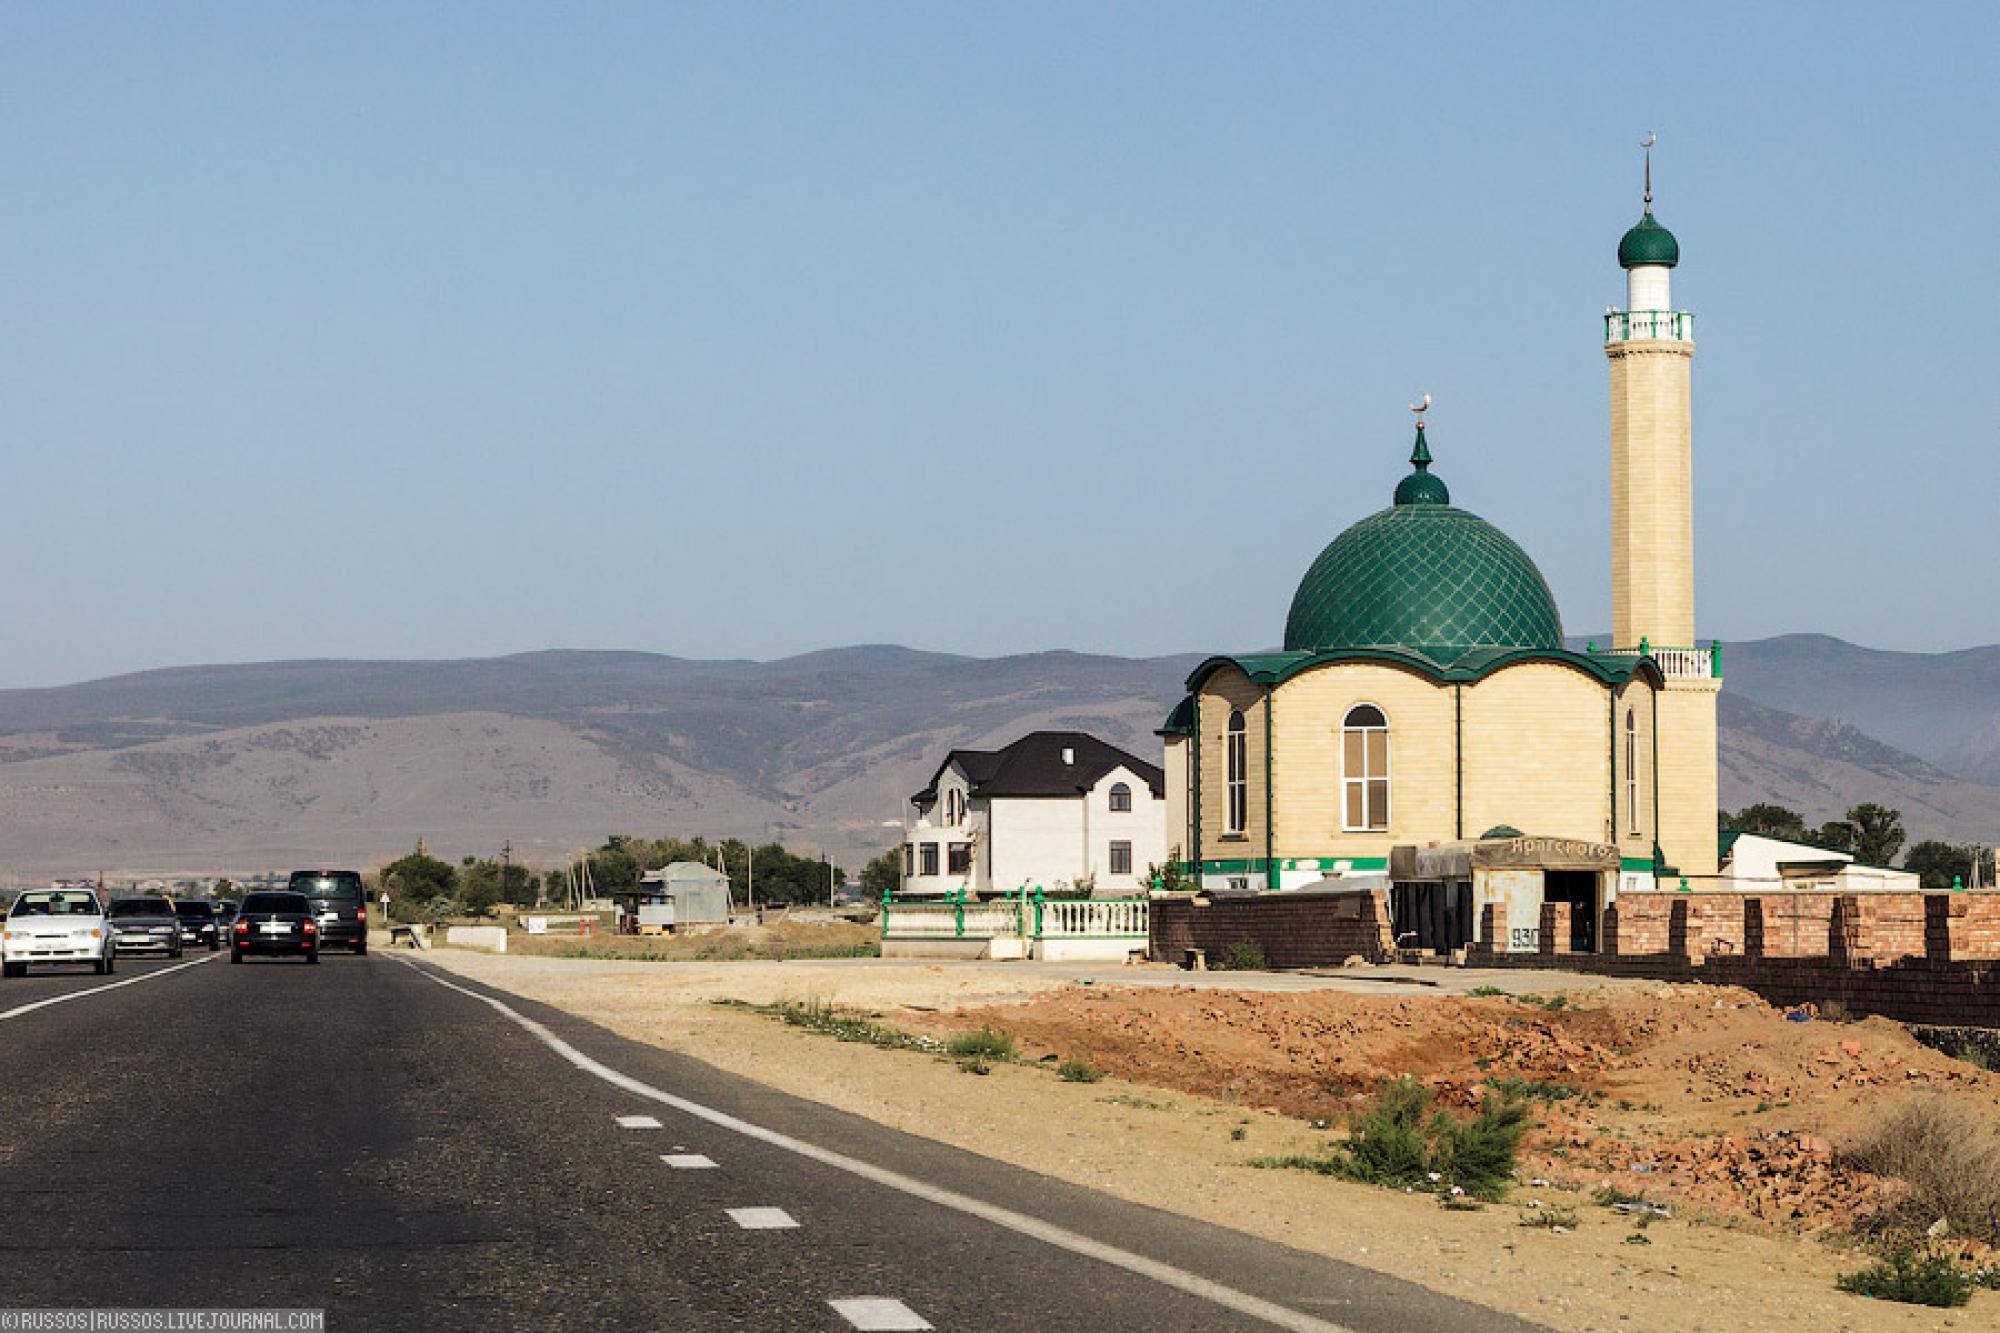 мечеть в каспийске картинка месяц организм